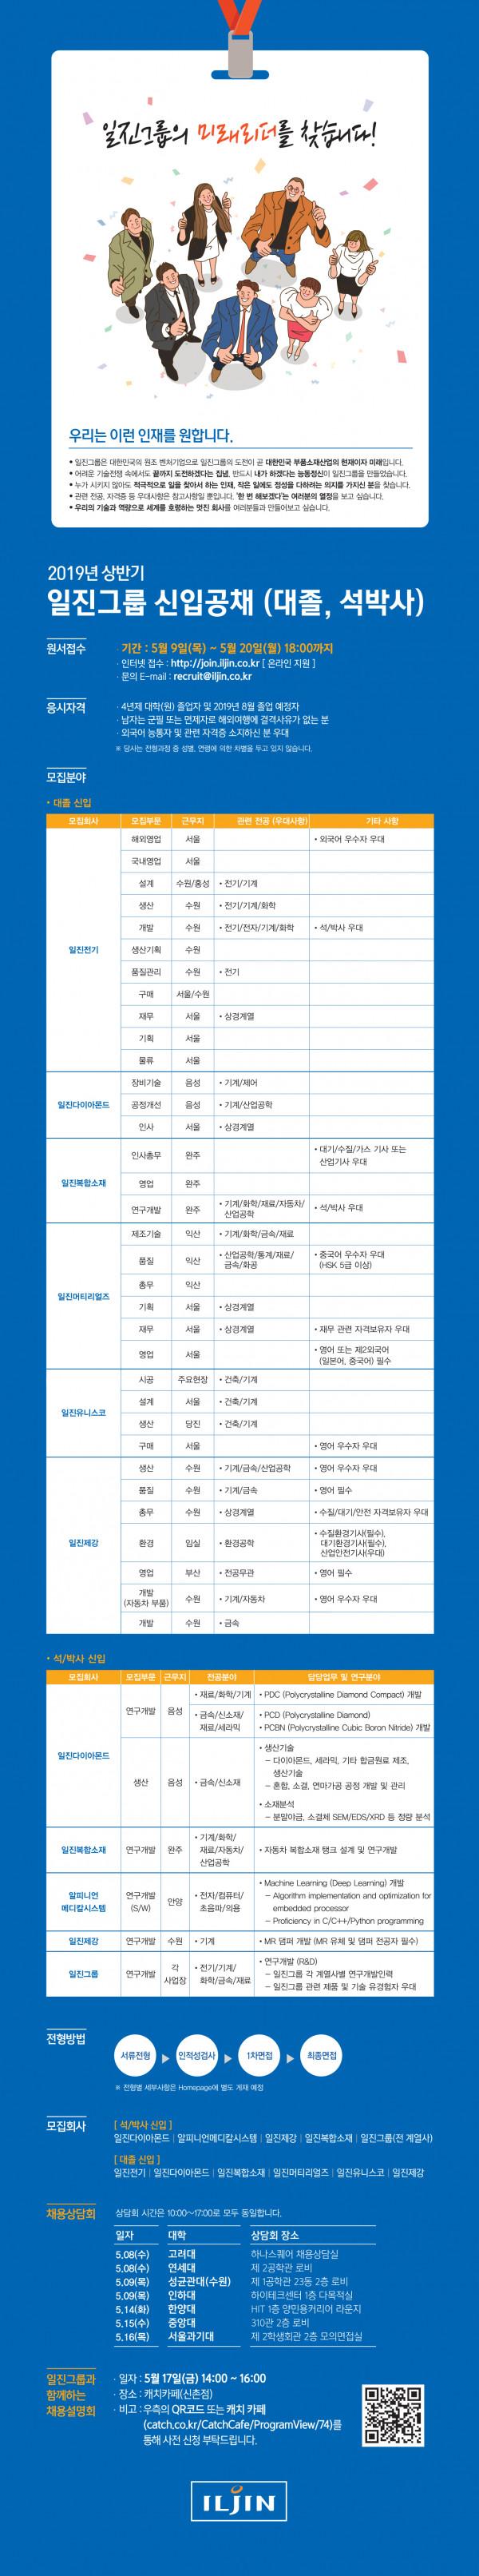 일진그룹 웹플라이어 신입_최종0507.jpg